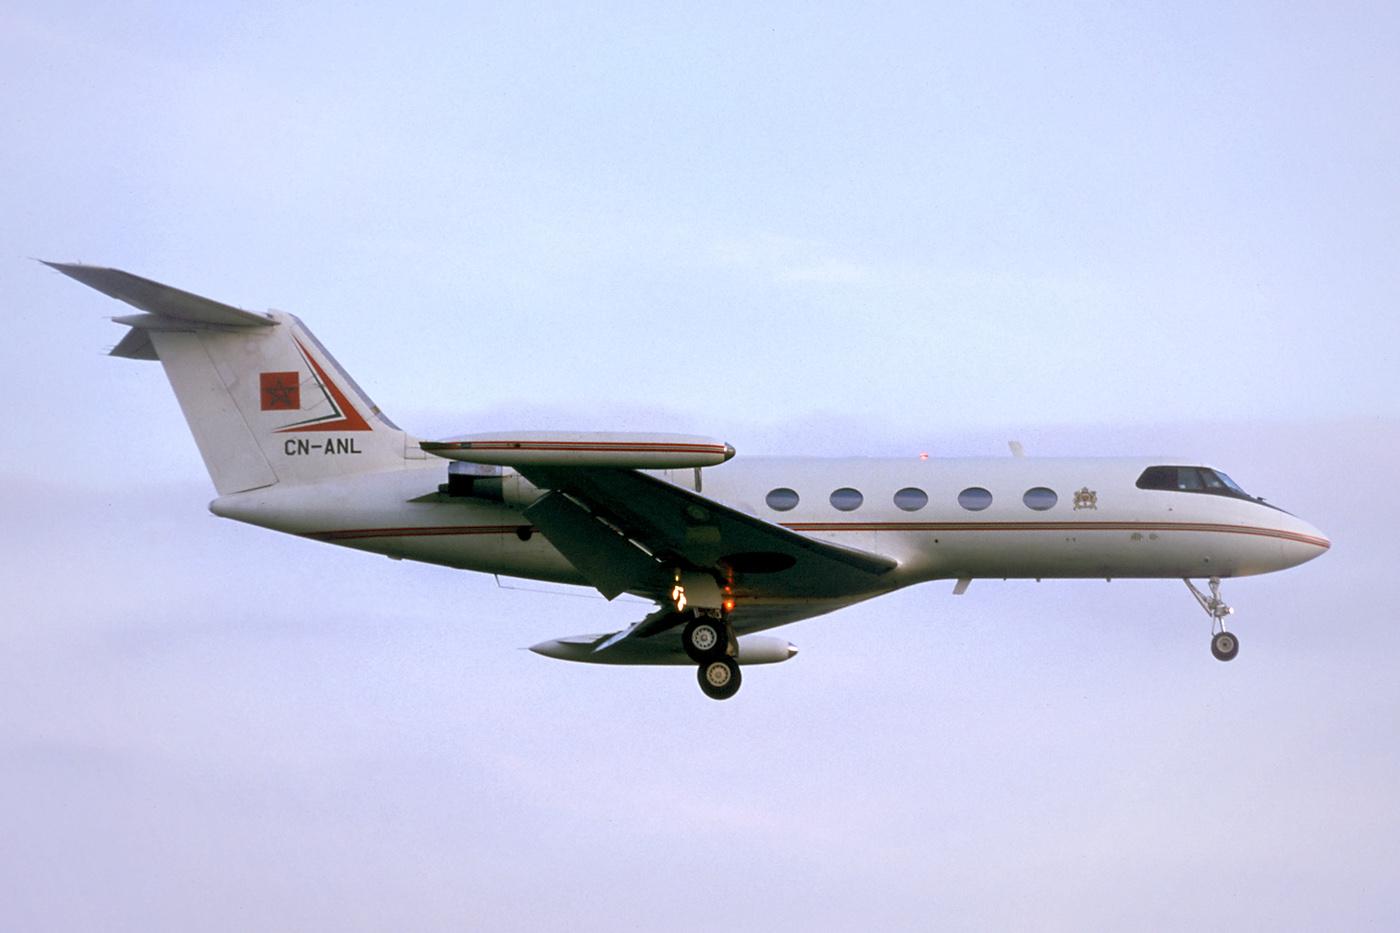 FRA: Photos anciens avions des FRA - Page 7 16860430719_43efe6316a_o